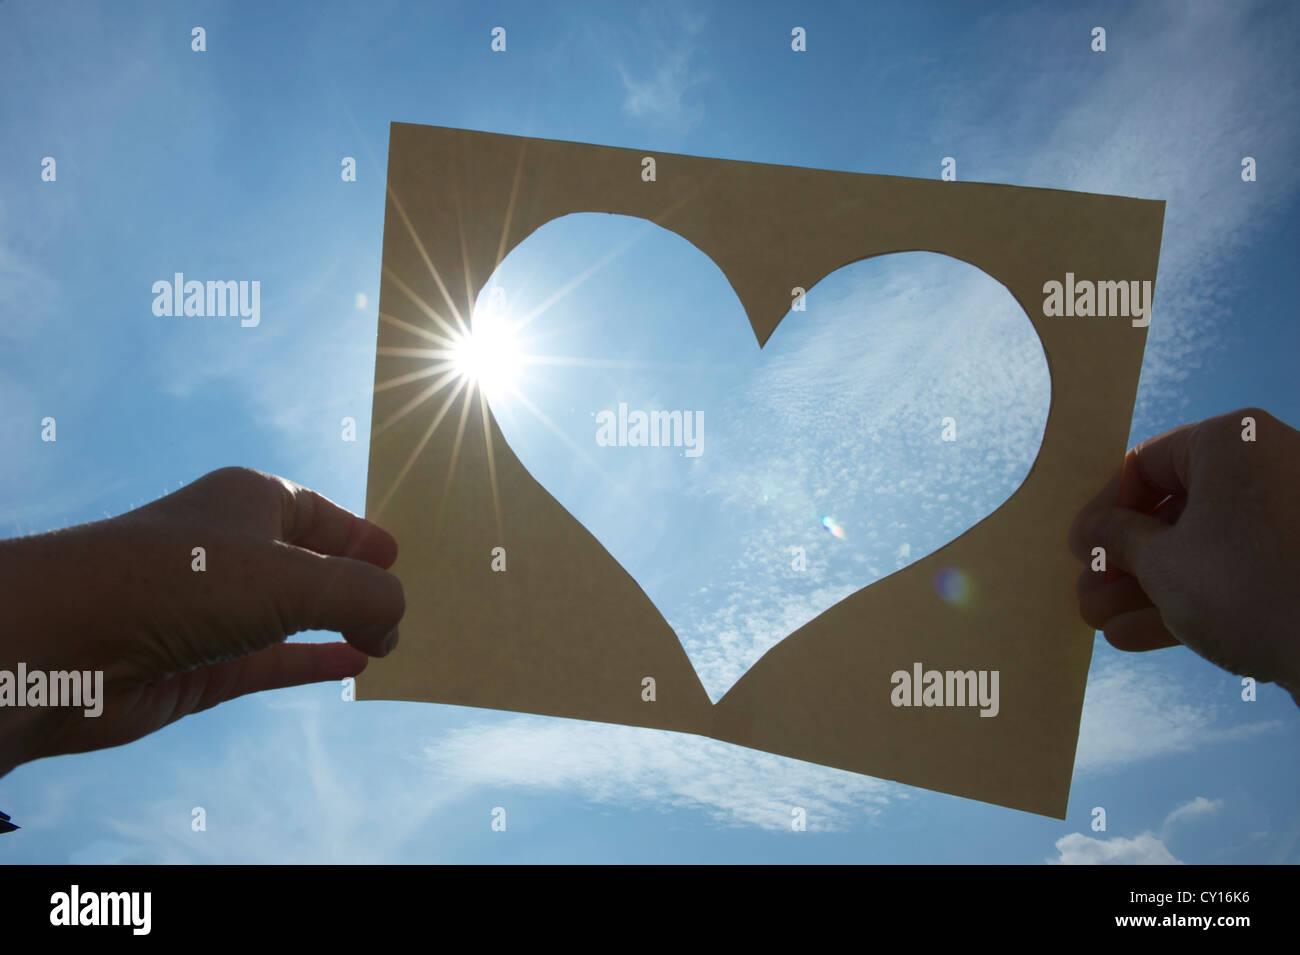 ein Herz aus Pappe in den Himmel gehalten gegen die Sonne, a heart cut of a piece of paper, two hands holding it - Stock Image